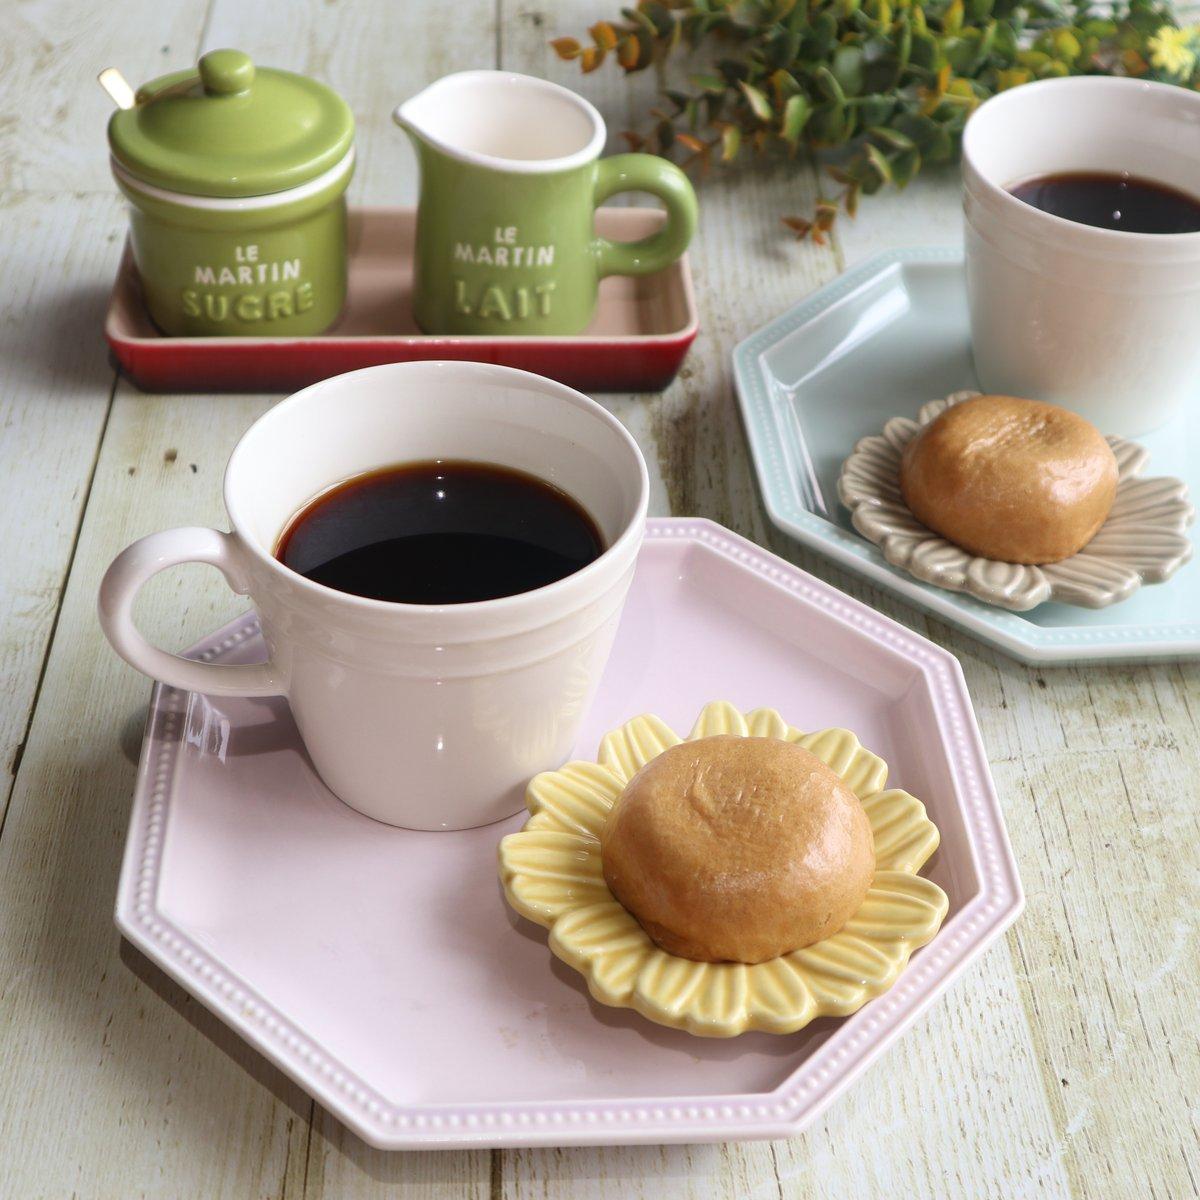 test ツイッターメディア - ☕当選御礼☕  @kashiwaya1852 様  夏と思い出とおかし柏屋薄皮饅頭8個入プレゼントキャンペーンにご縁が有、薄皮饅頭を頂きました! いつも開成柏屋にお世話になっています💞 大好きな食べ方はコーヒーと一緒に☕ こしあんのコクがコーヒーにピッタリ。 この度はありがとうございました✨#感謝 https://t.co/2ID0e6OW7f